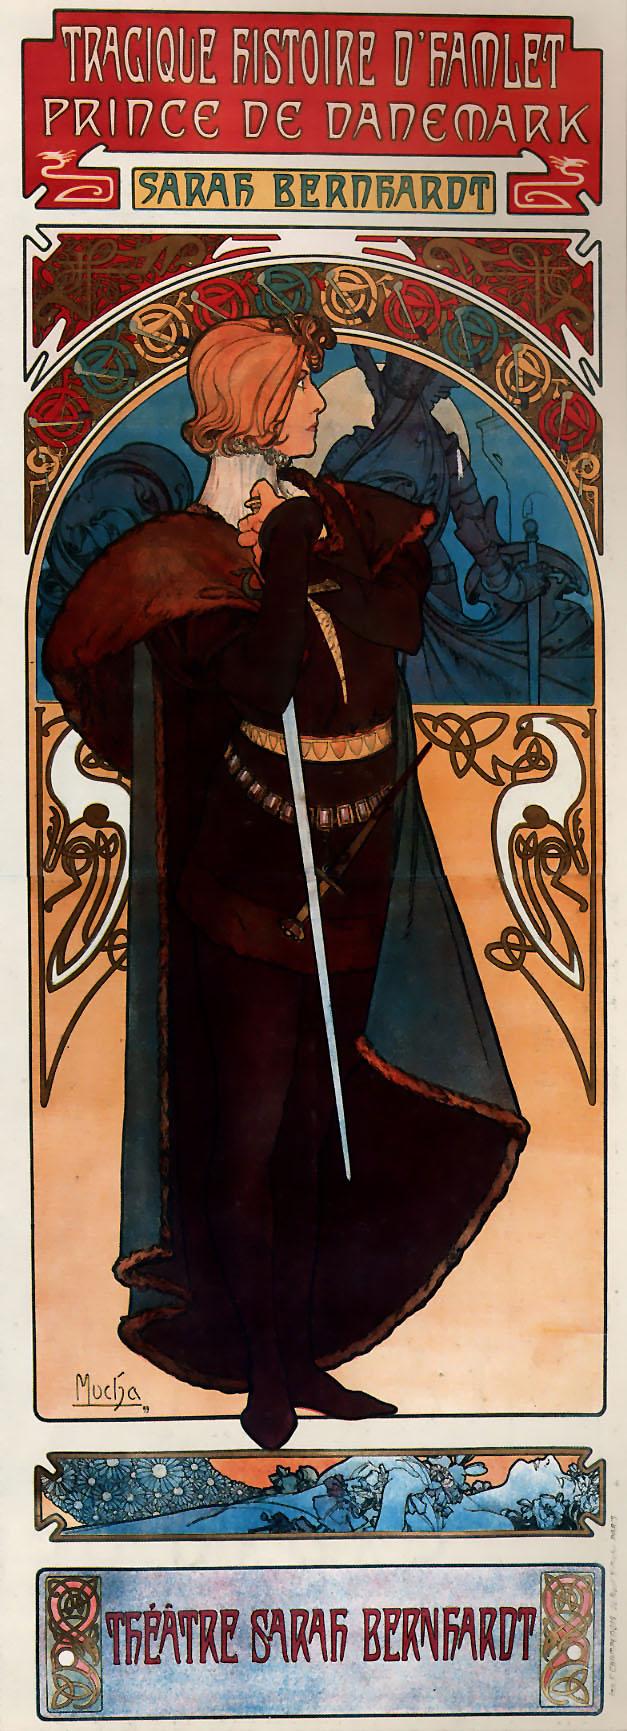 Sarah Bernhardt dans le rôle d'Hamlet, par Alfons Mucha